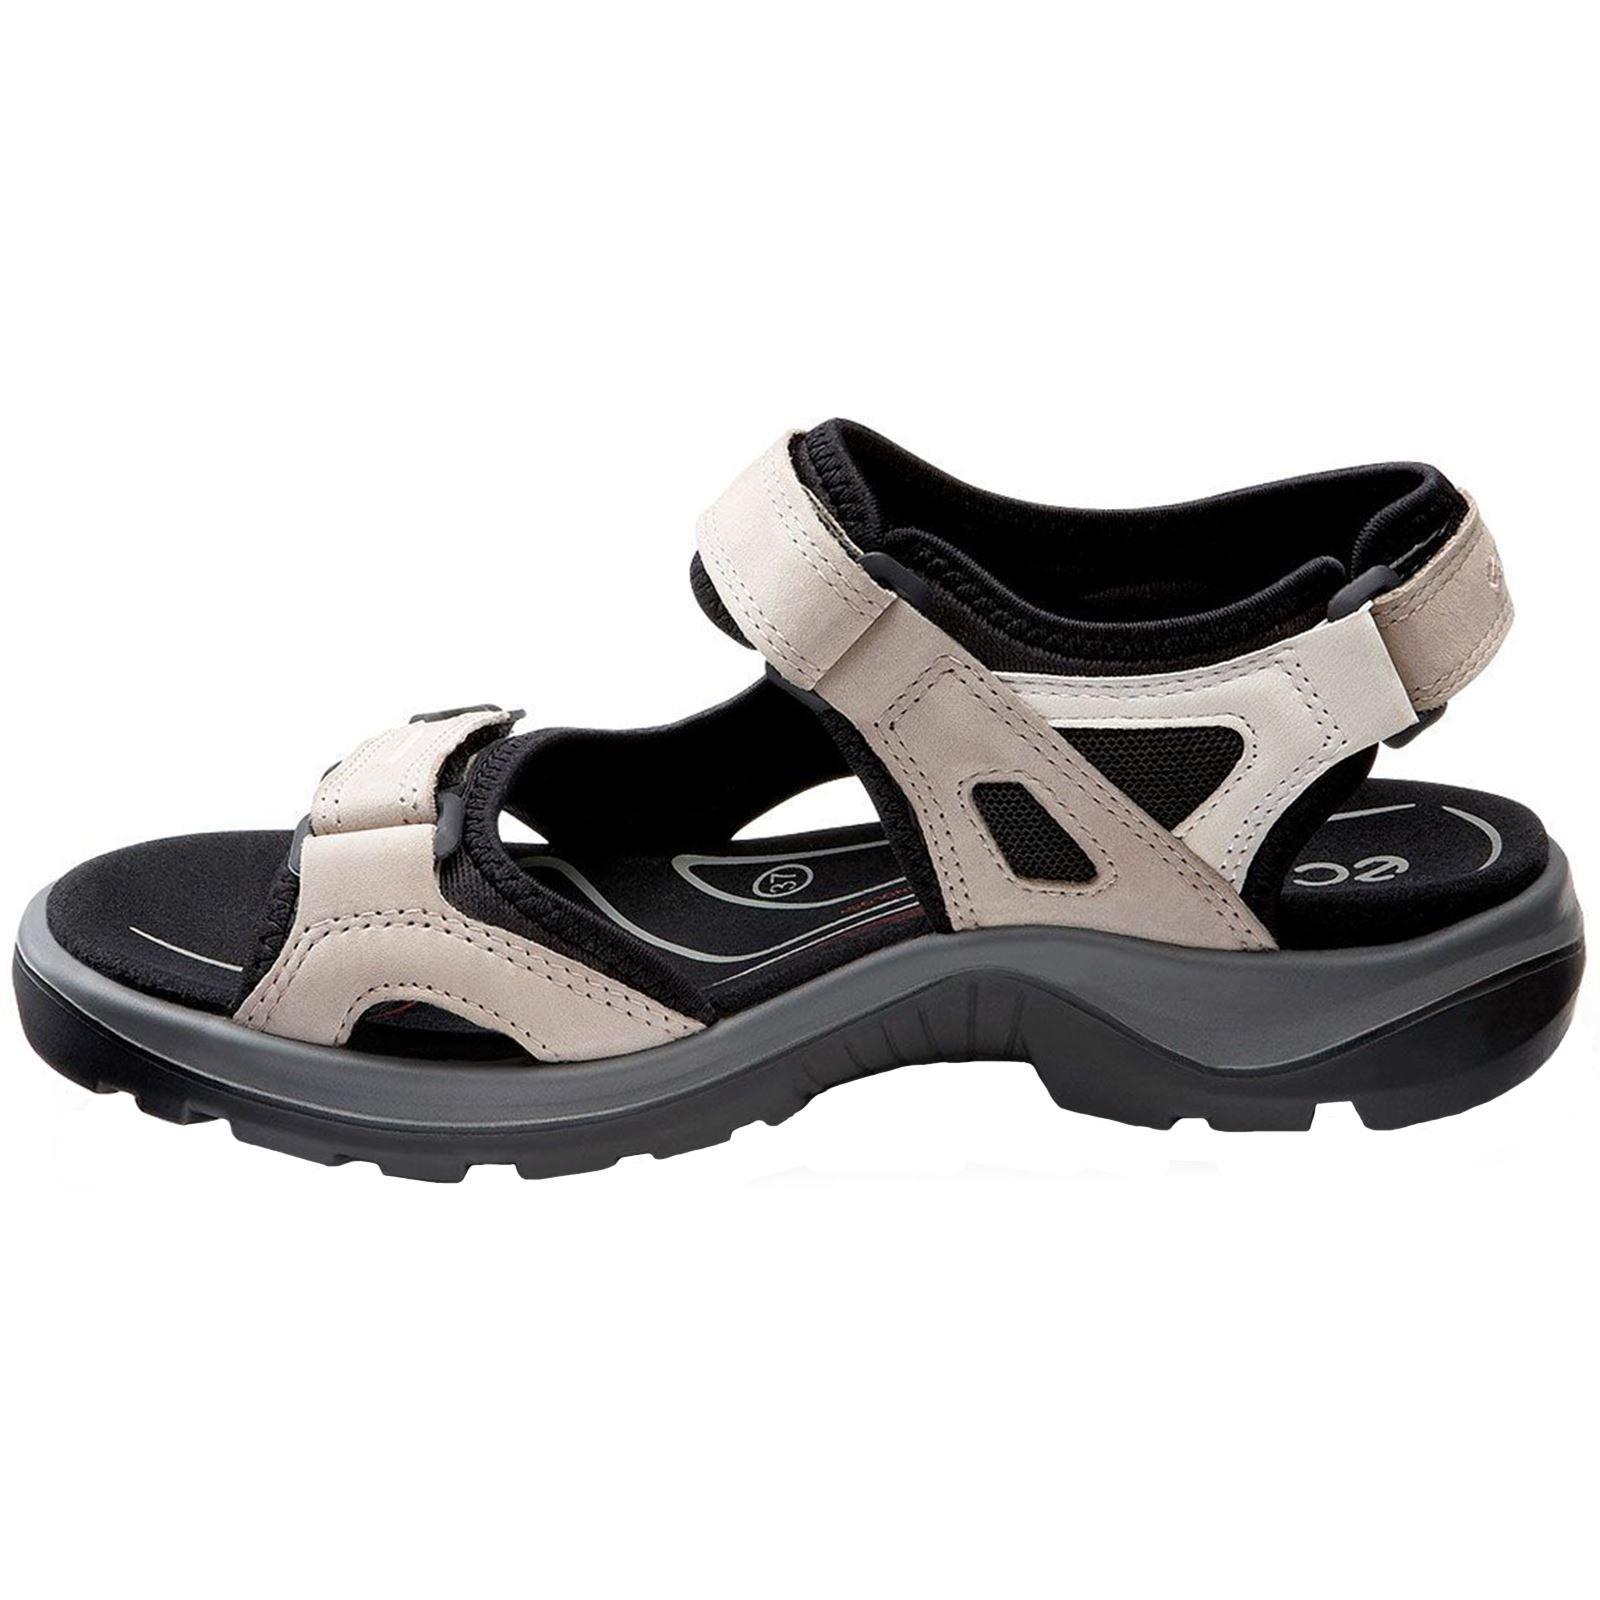 Ecco Women S Yucatan Outdoor Offroad Hiking Sandal